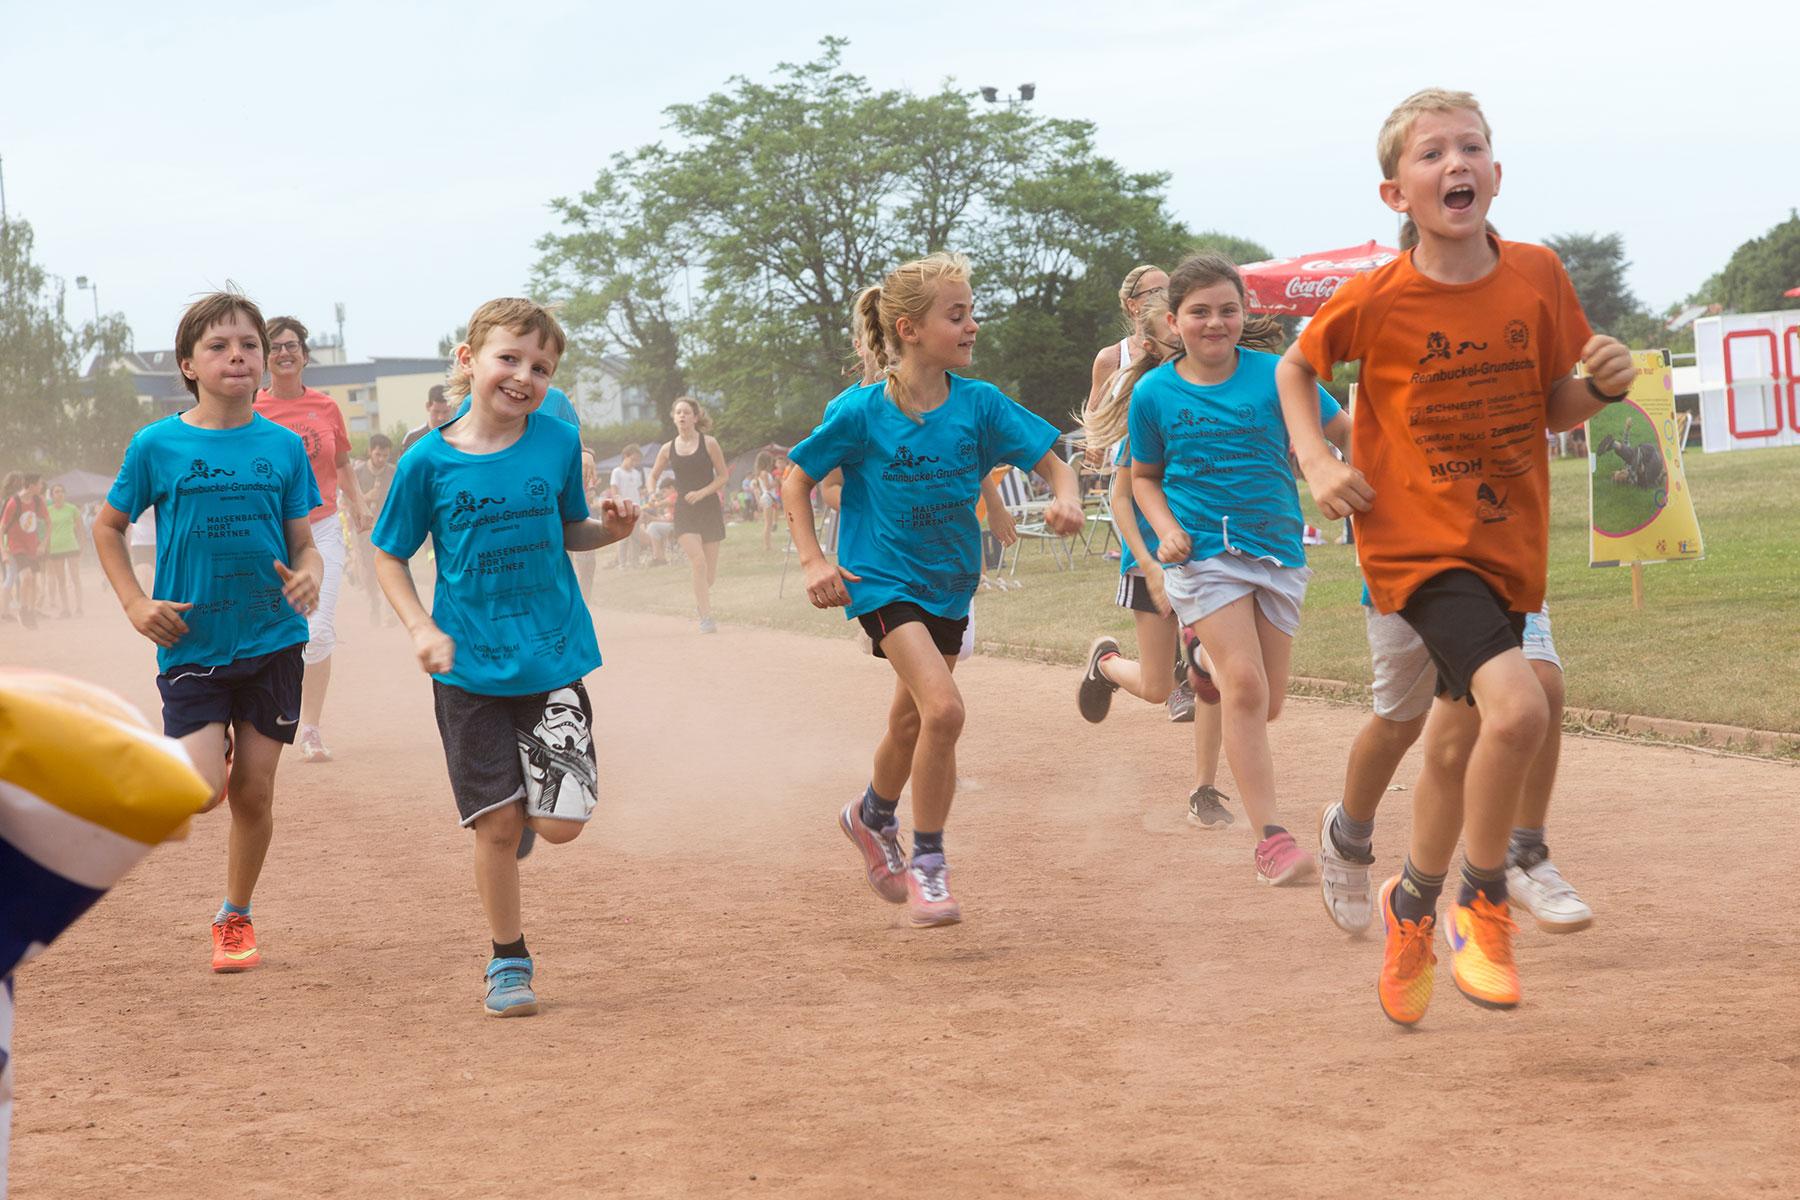 Start - 24h Lauf für Kinderrechte Karlsruhe